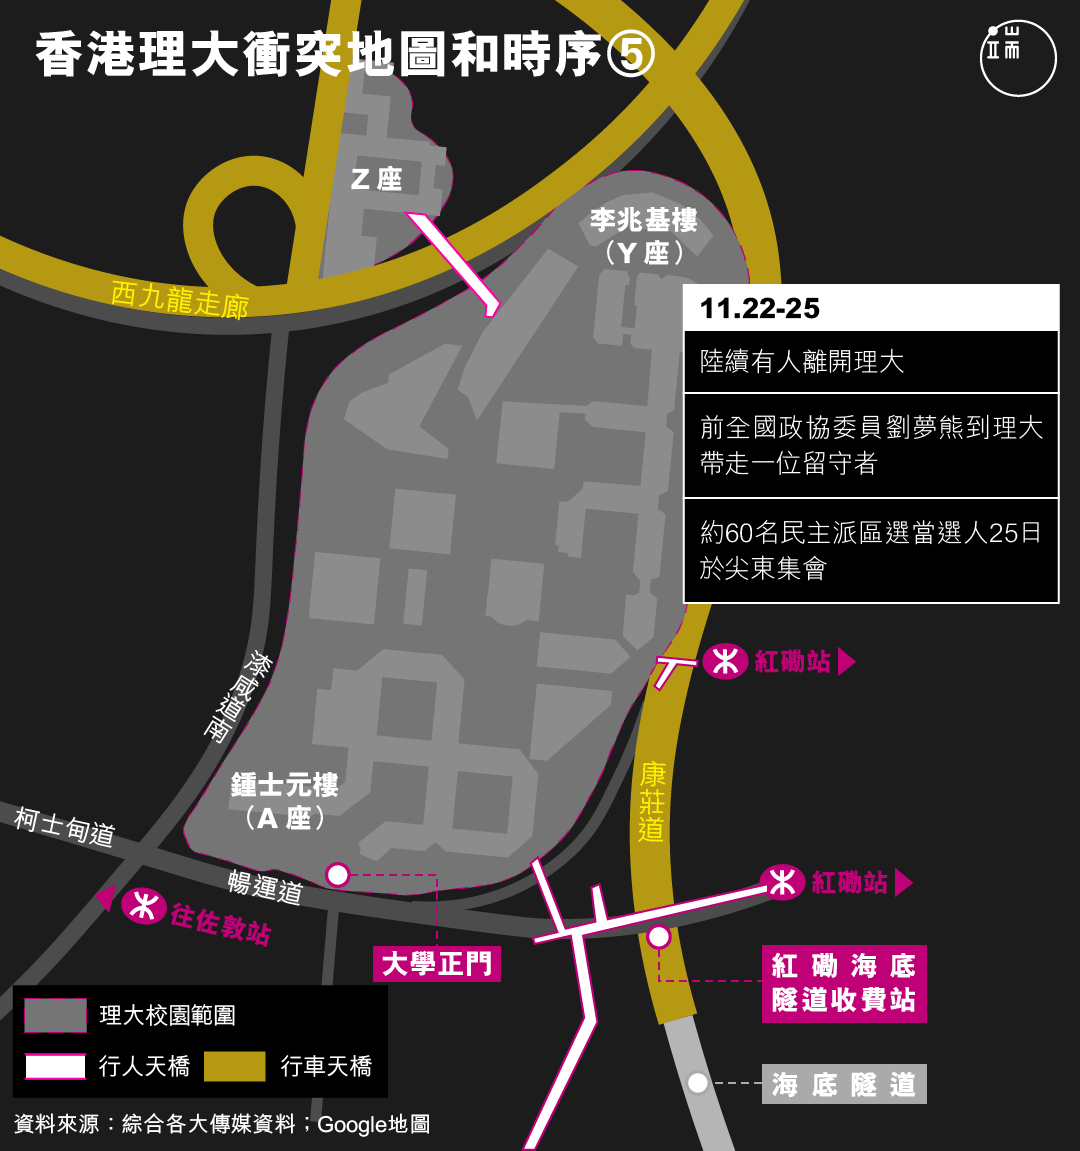 香港理大衝突地圖和時序(5)